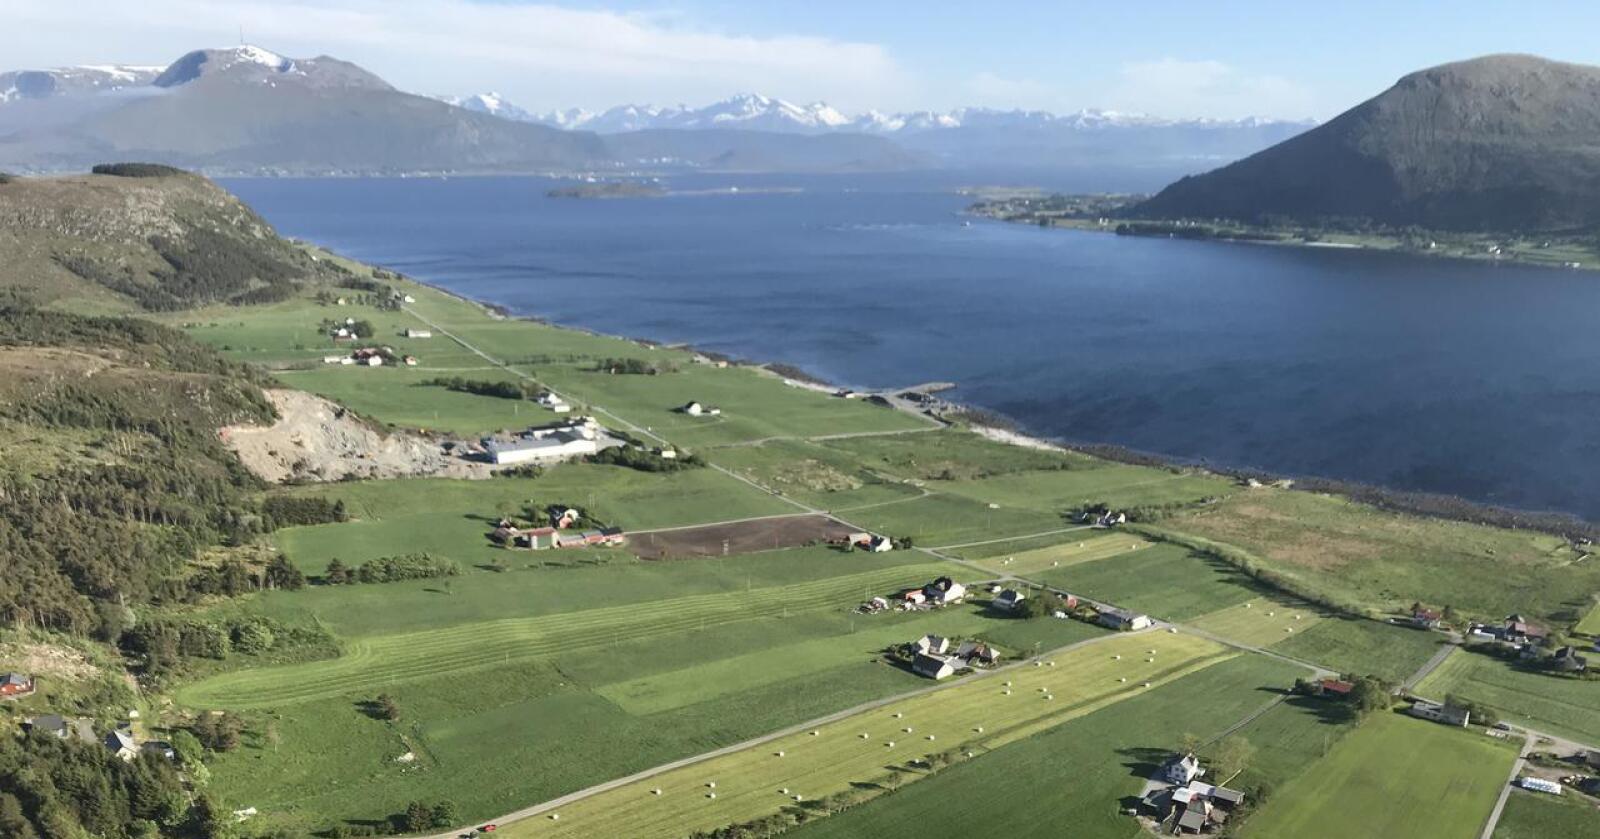 Åtte vindturbiner er under bygging på den lille øya Haramsøy utenfor Ålesund. Foto: Privat